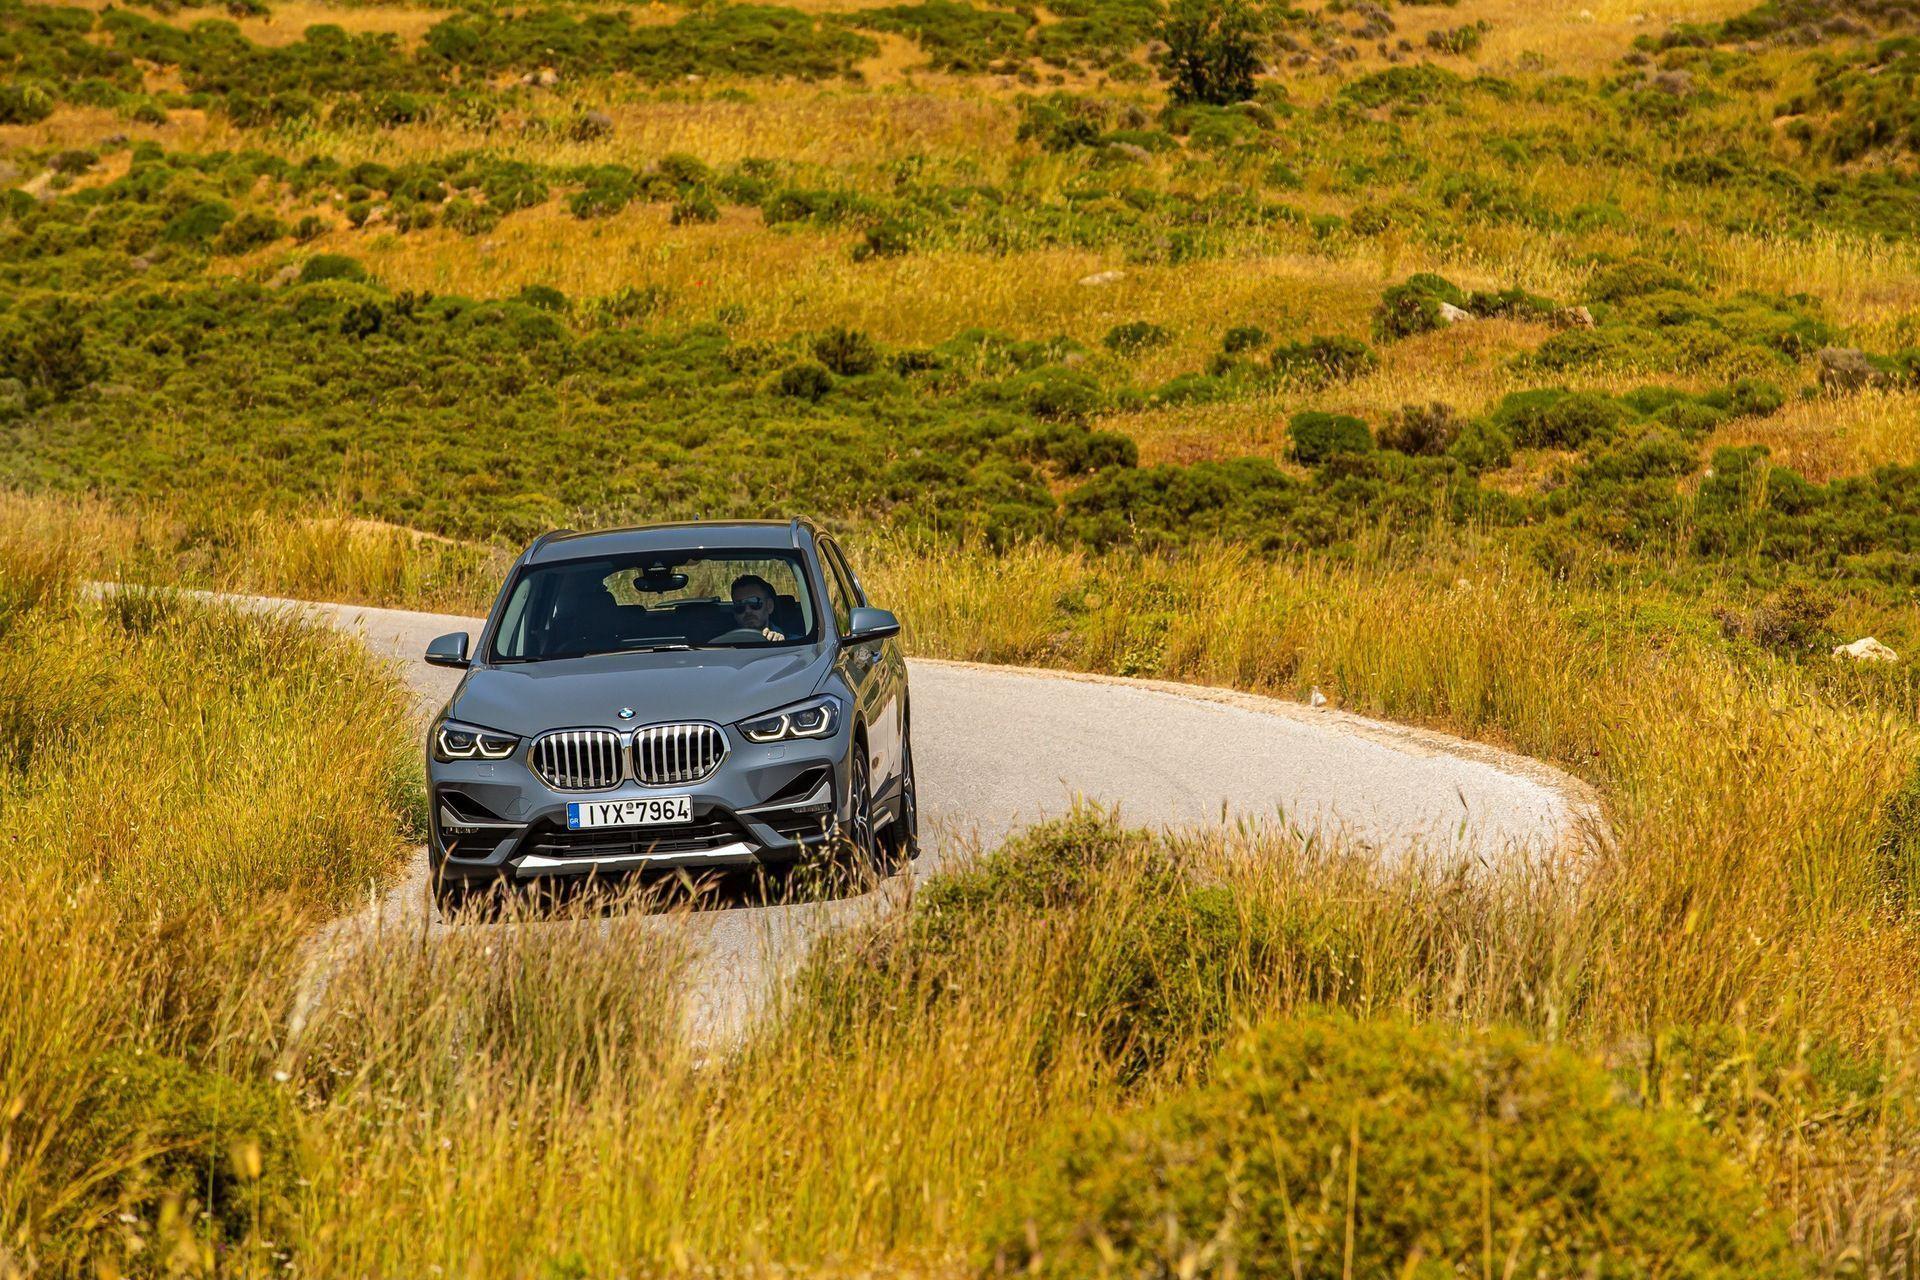 BMW_X1_xDrive25e_Greek_0002